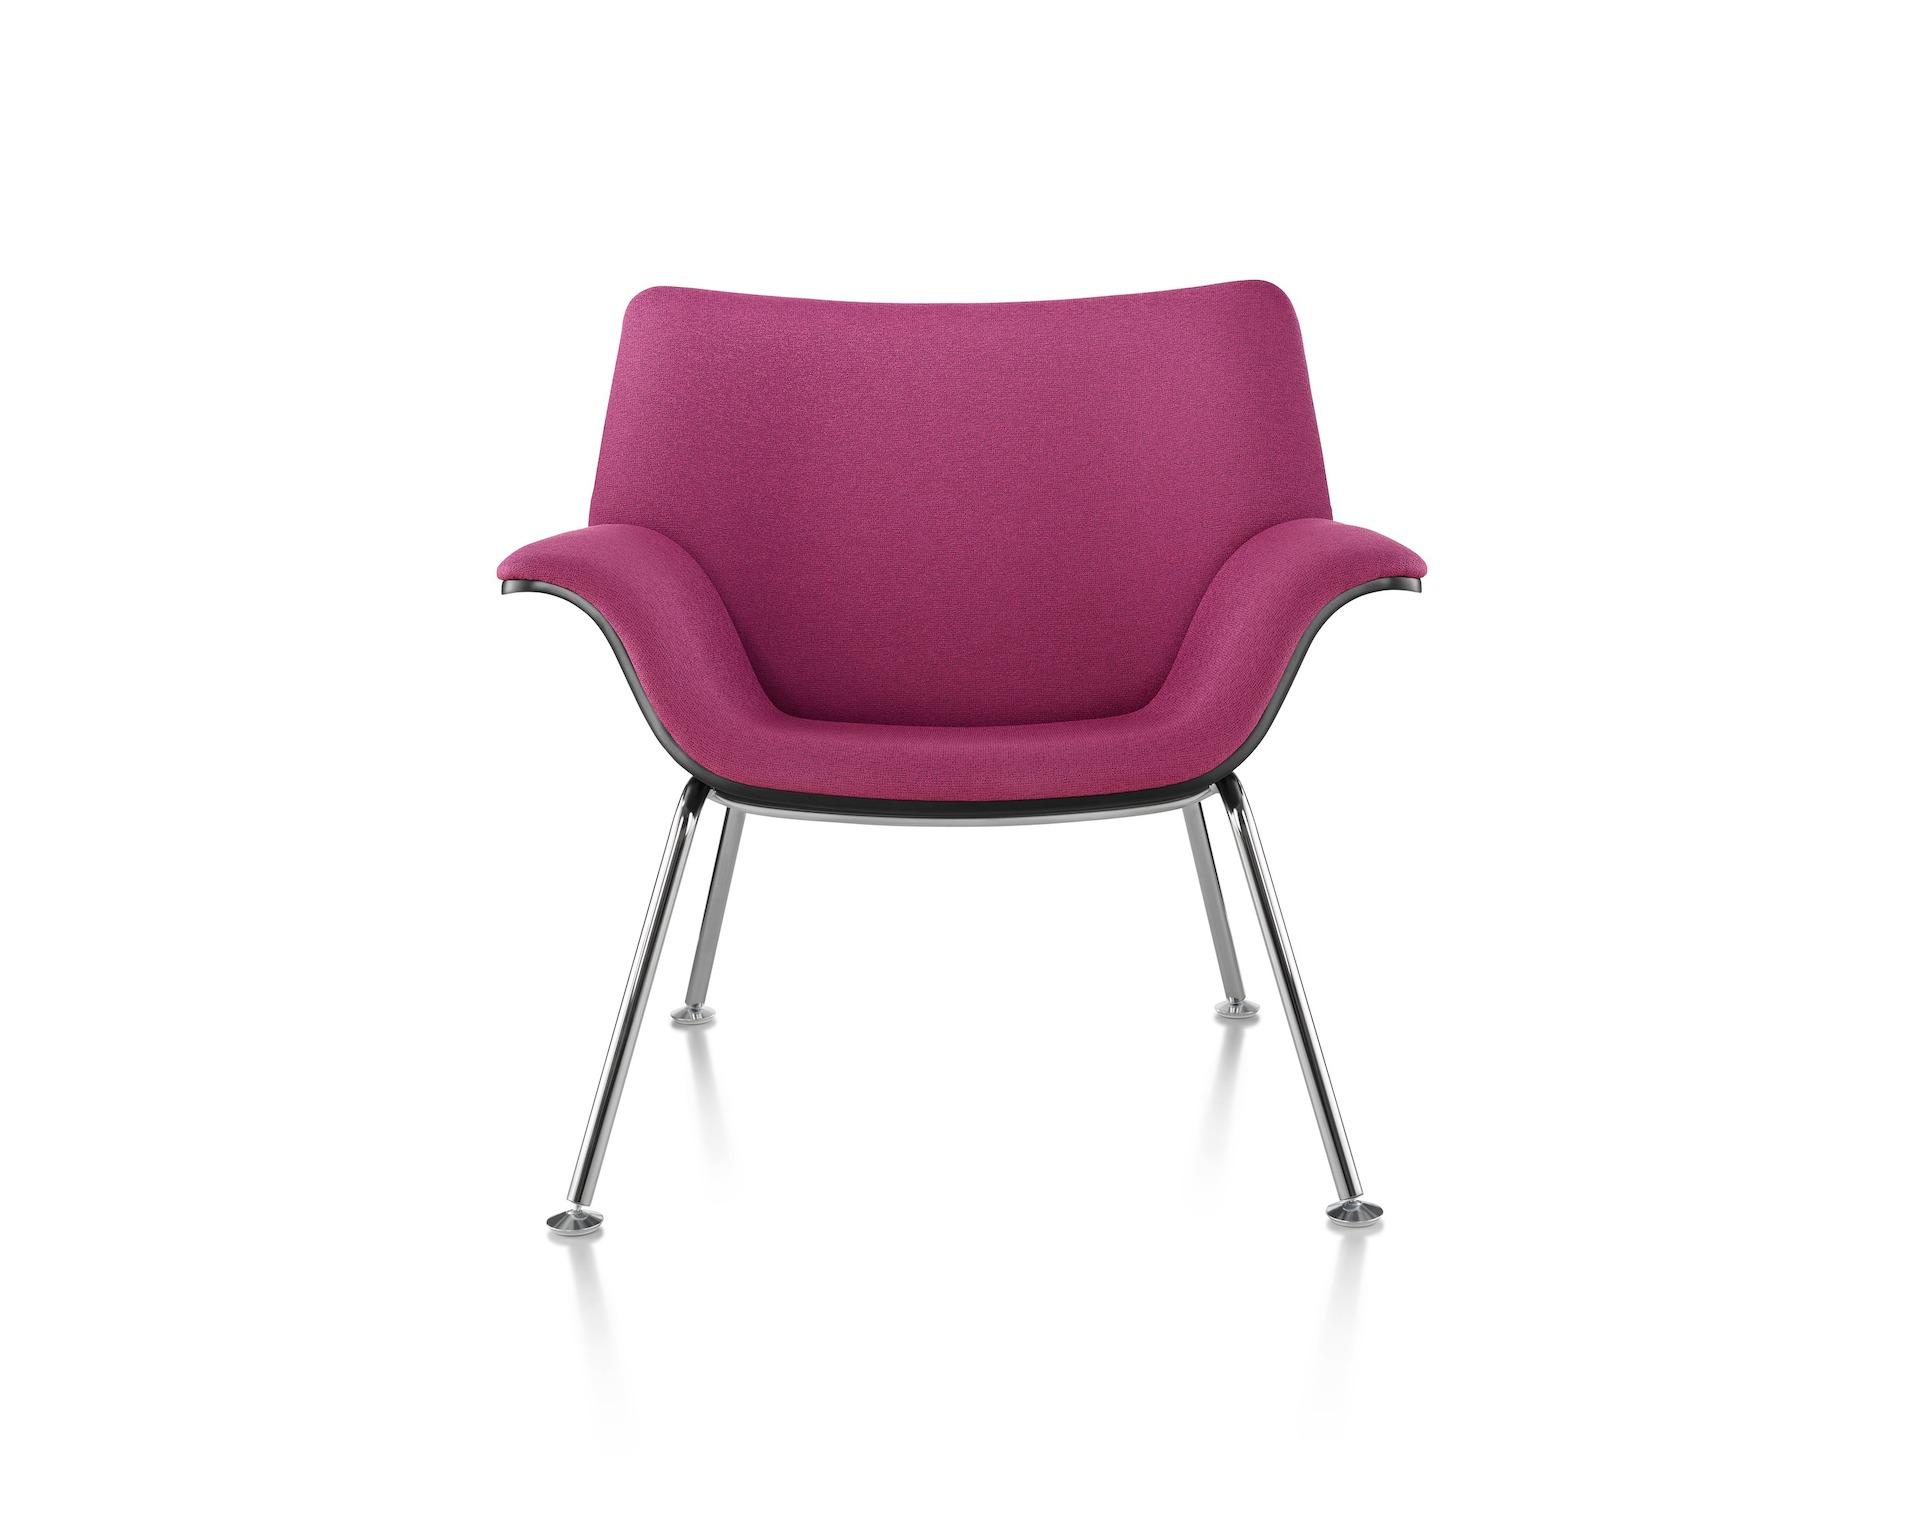 Swoop Plywood Lounge Chair Herman Miller